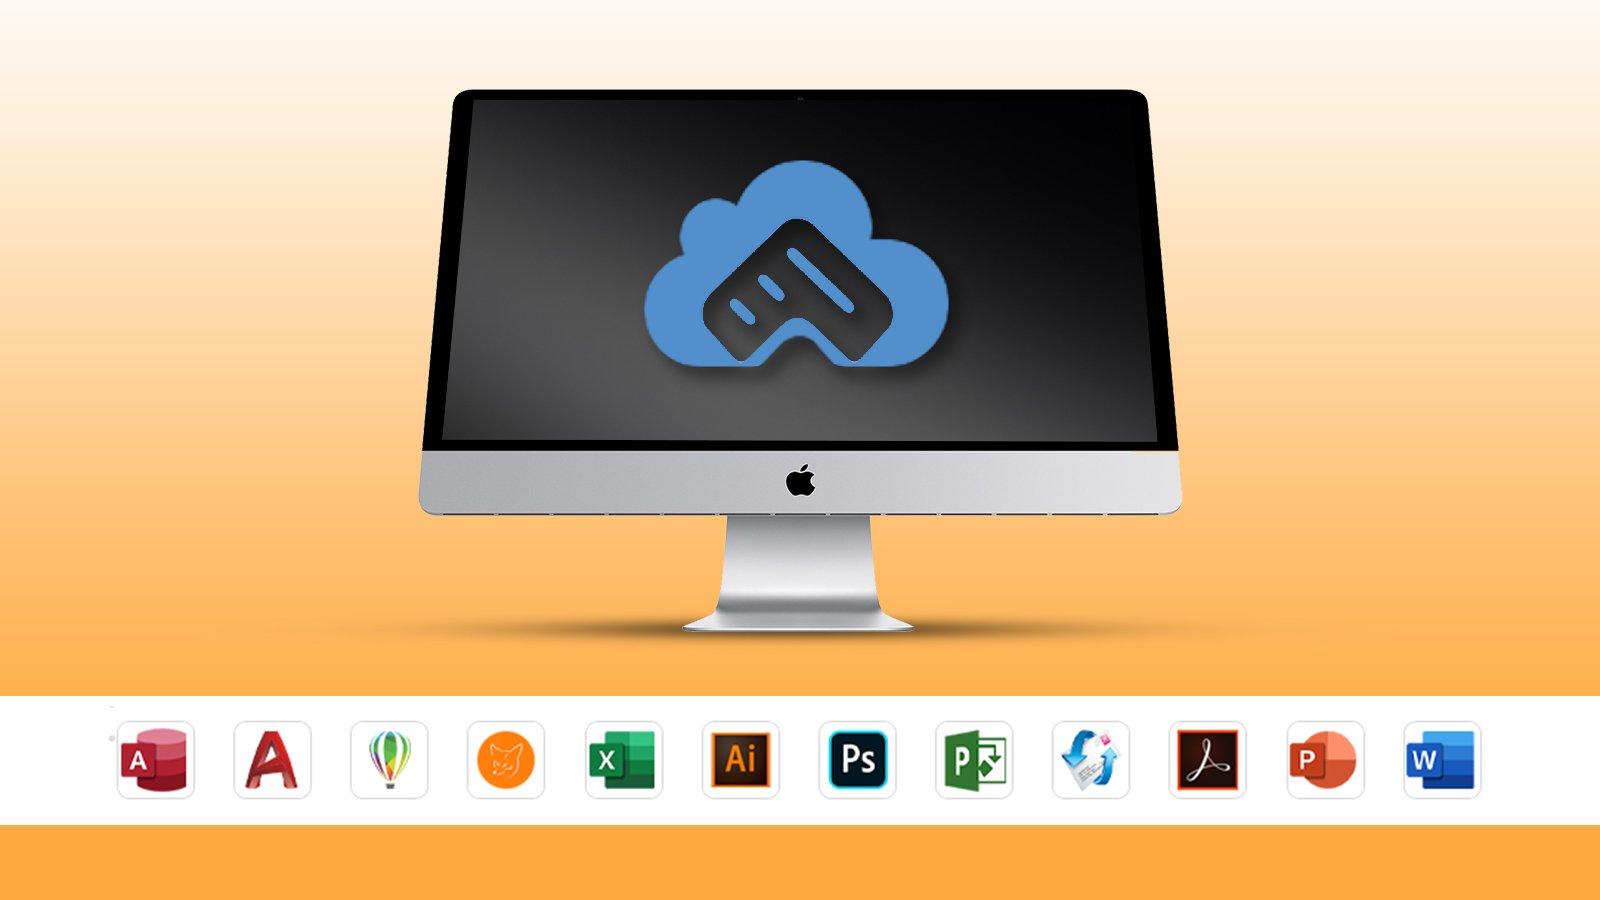 Aprenda a recuperar dados no mac de 2 jeitos super simples. Seja com upload do arquivo ou com o software interno em modo offline, nós te ensinamos a recuperar dados no mac de formas práticas!